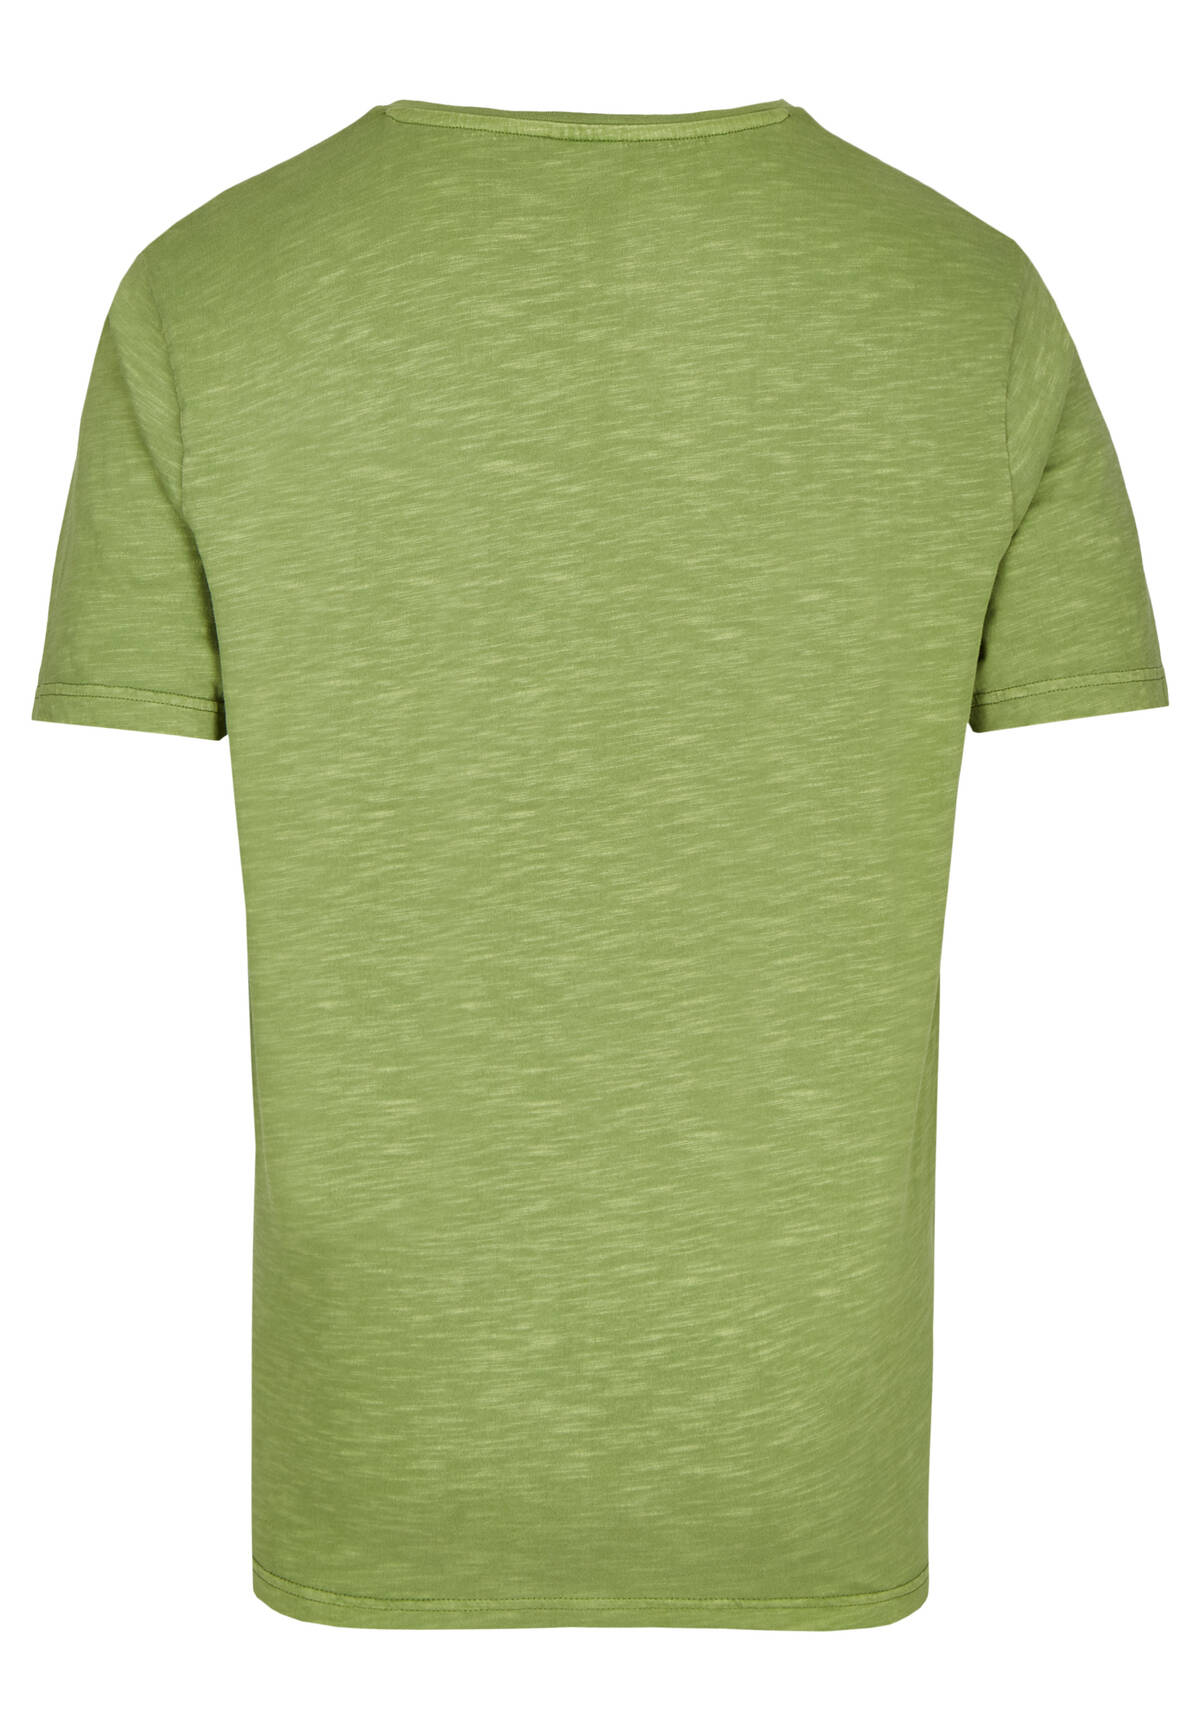 T-shirt chiné uni /